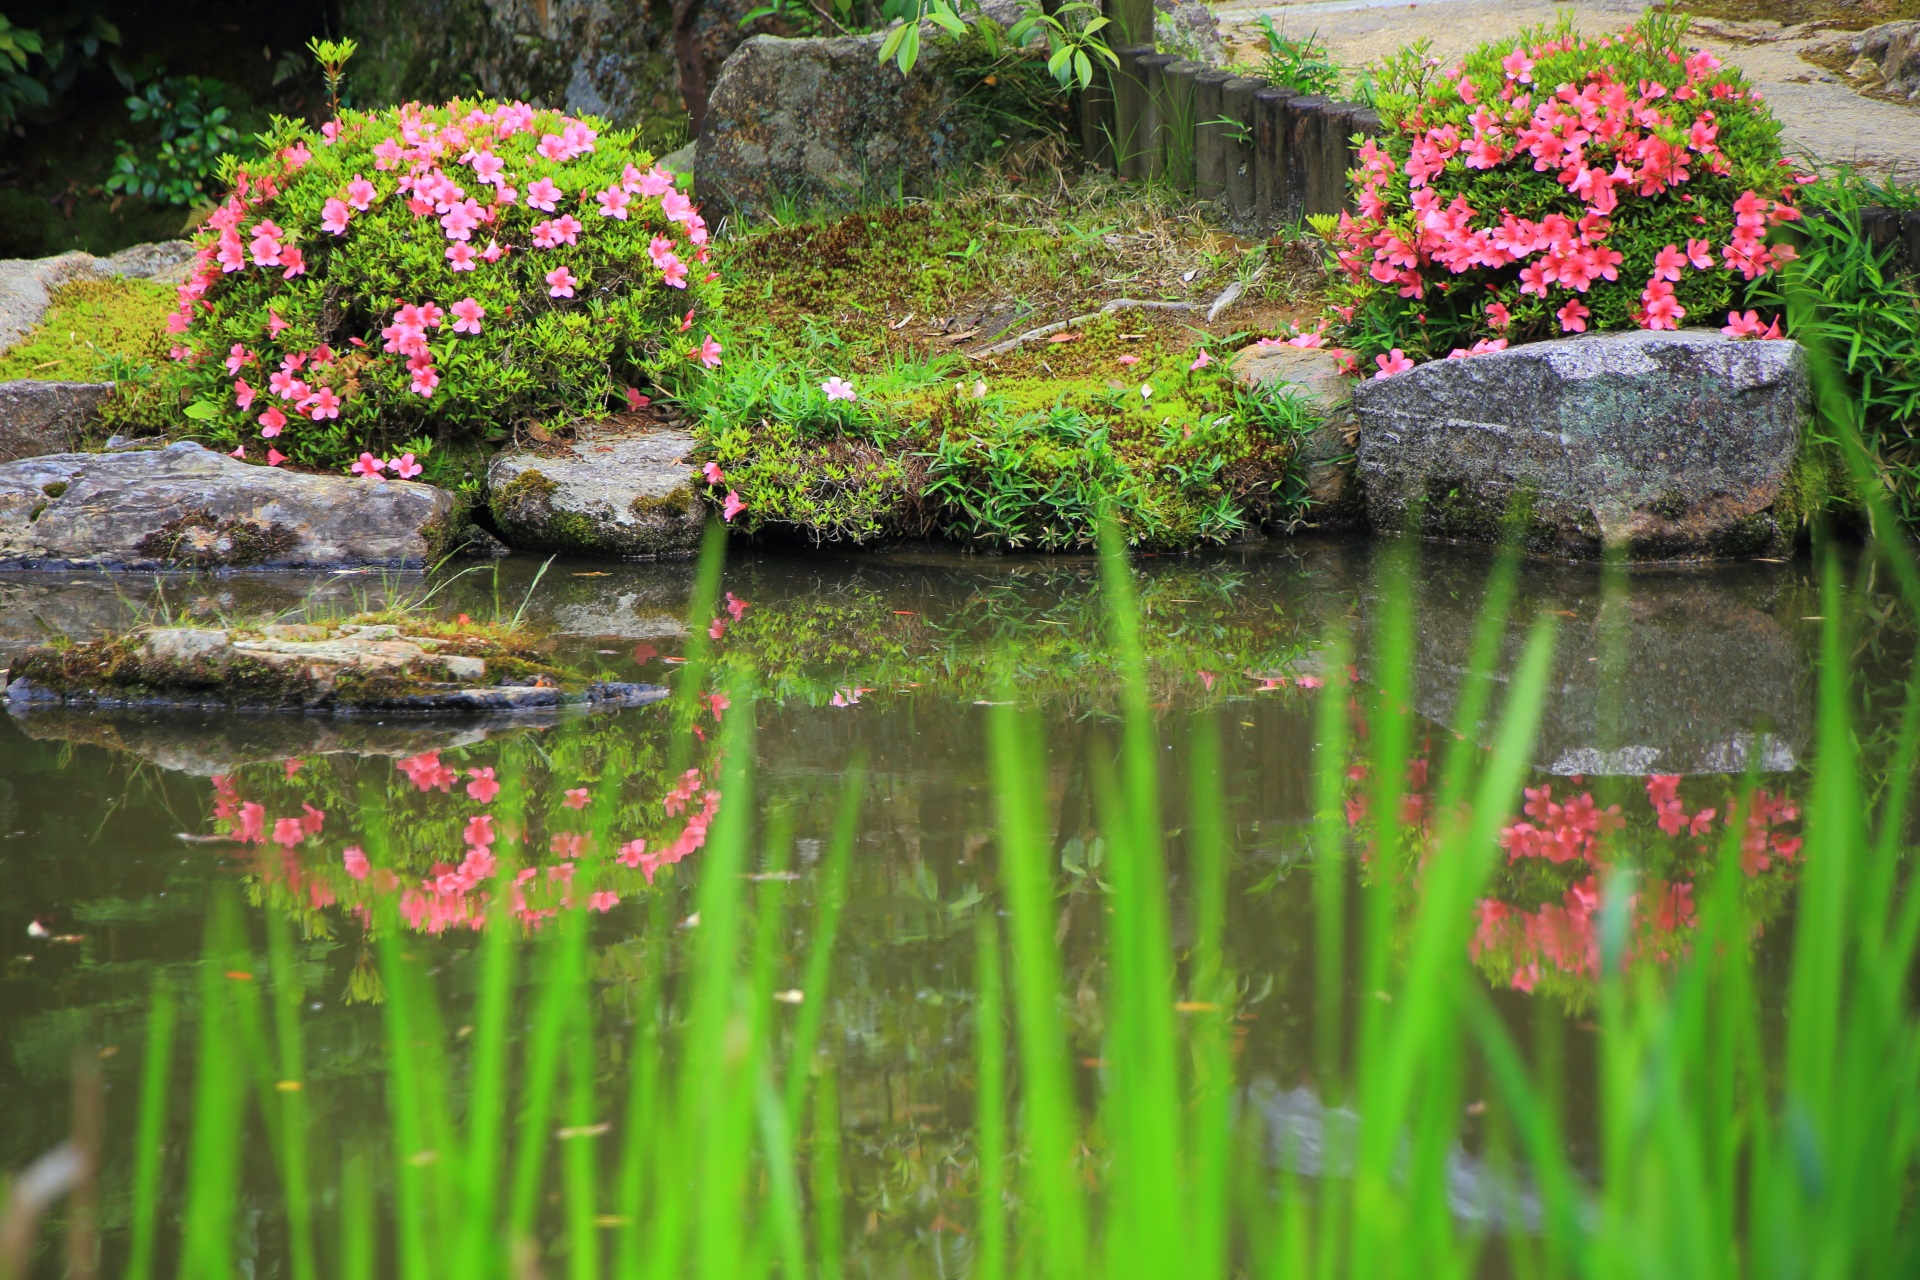 知恩院方丈庭園の綺麗なサツキの水鏡